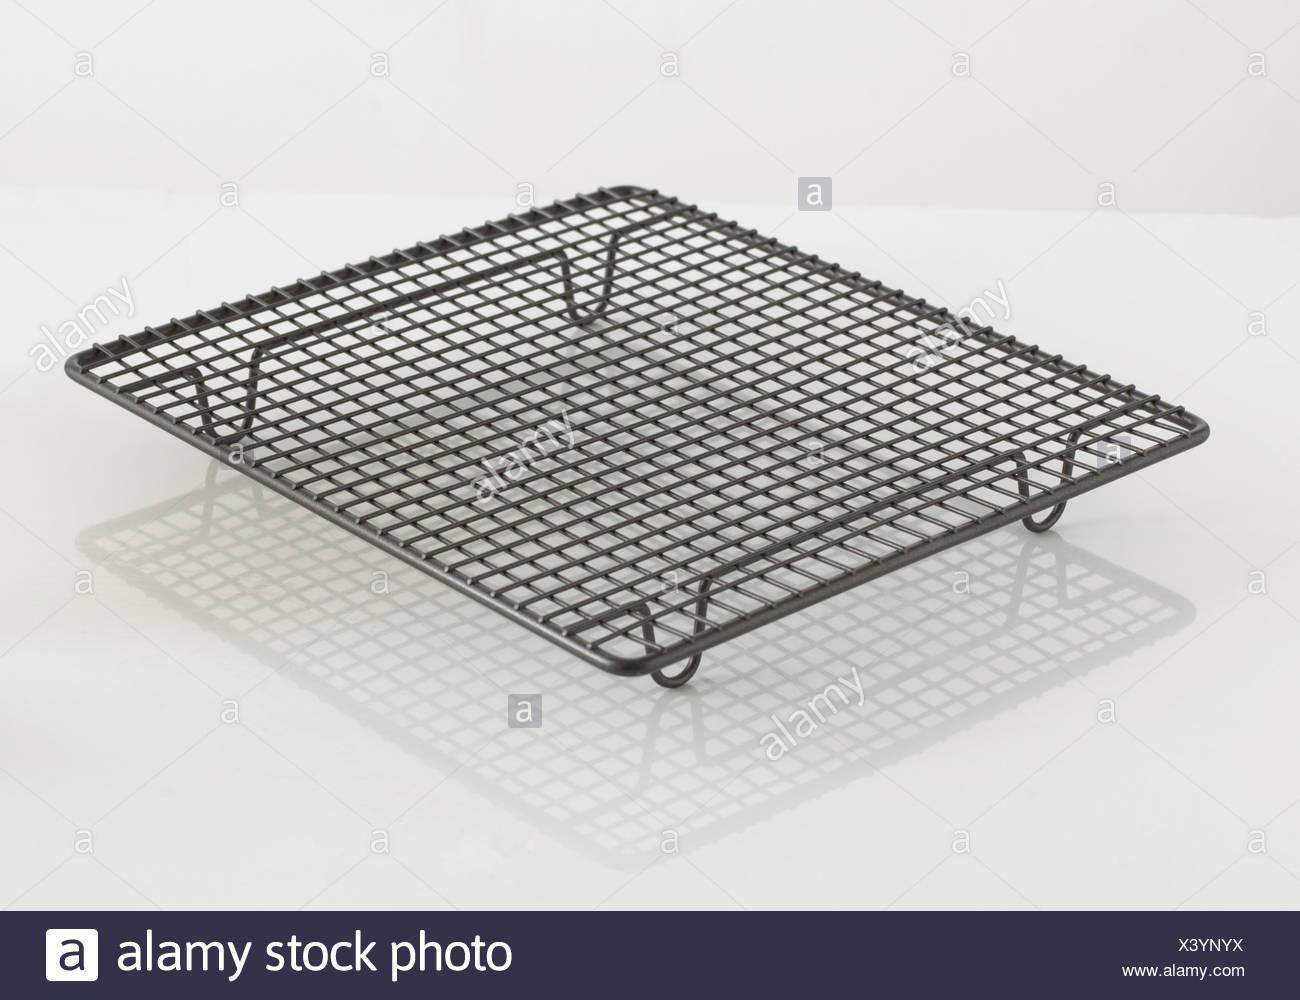 Filo raffreddamento per rack per la cottura su sfondo bianco Immagini Stock